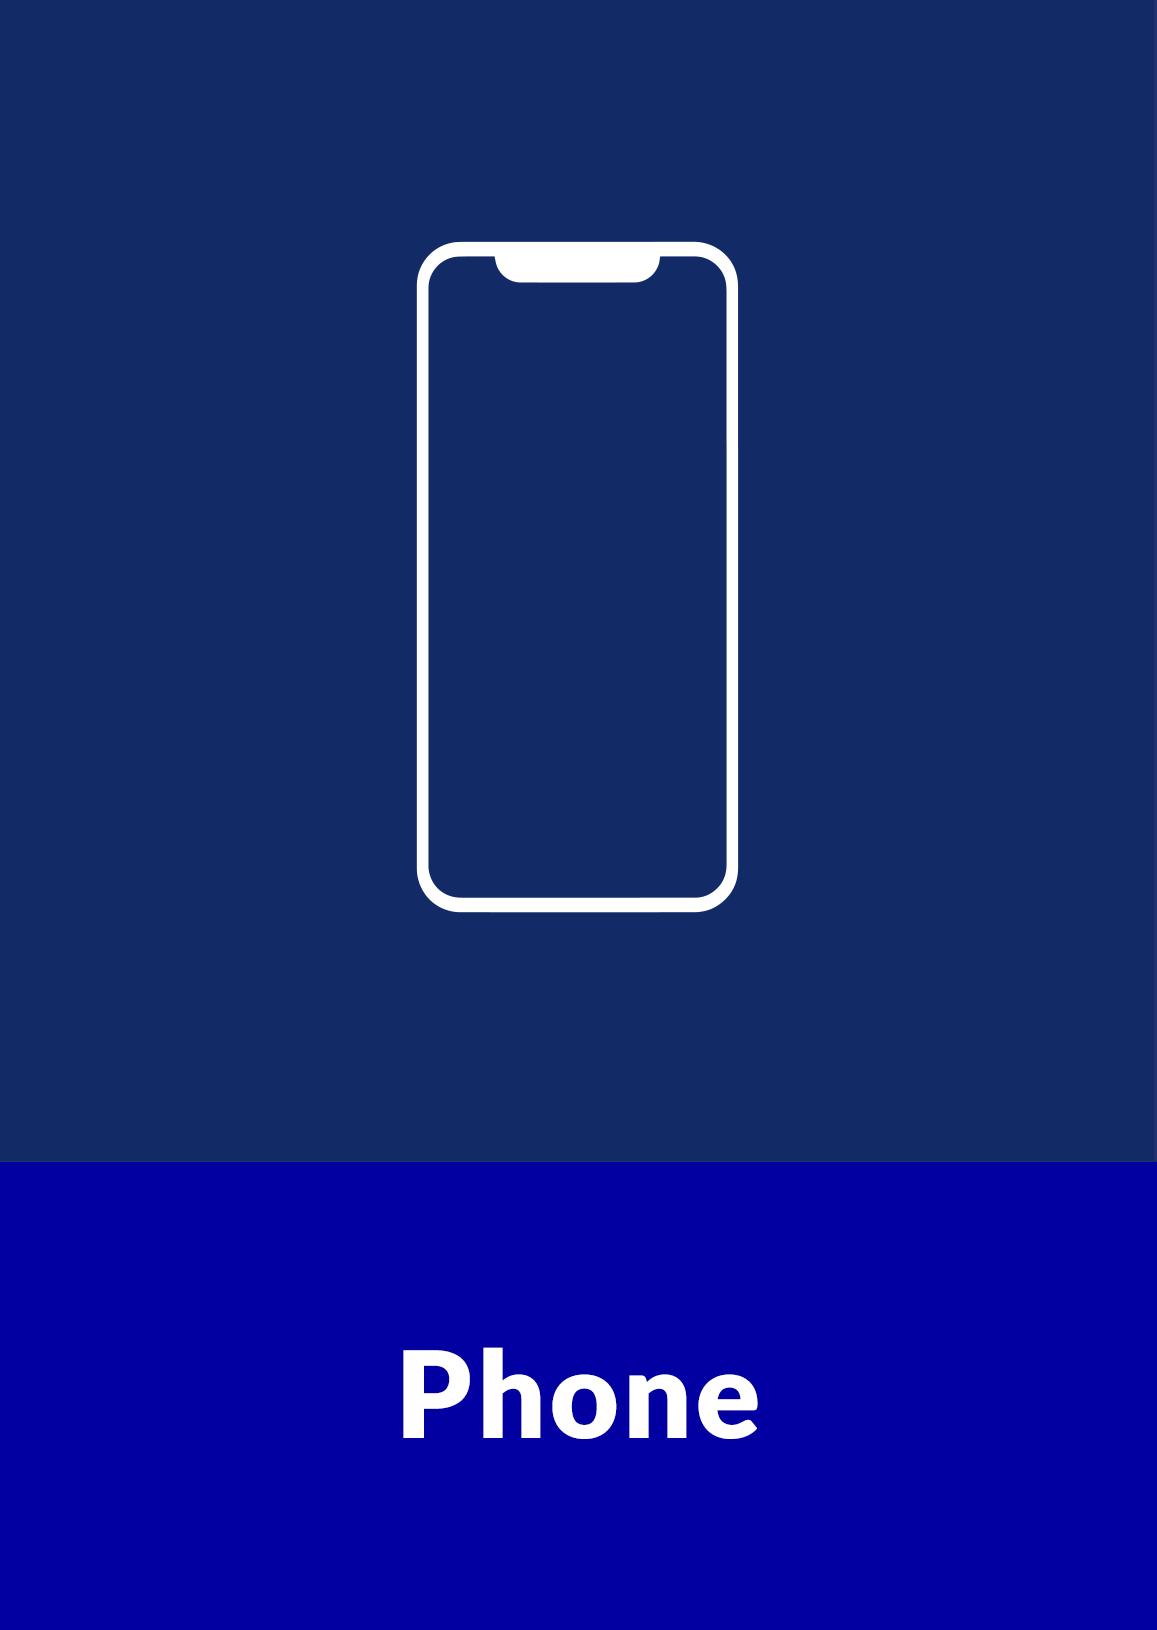 Wadl_und_Prtnr_Phone_UIUX_009